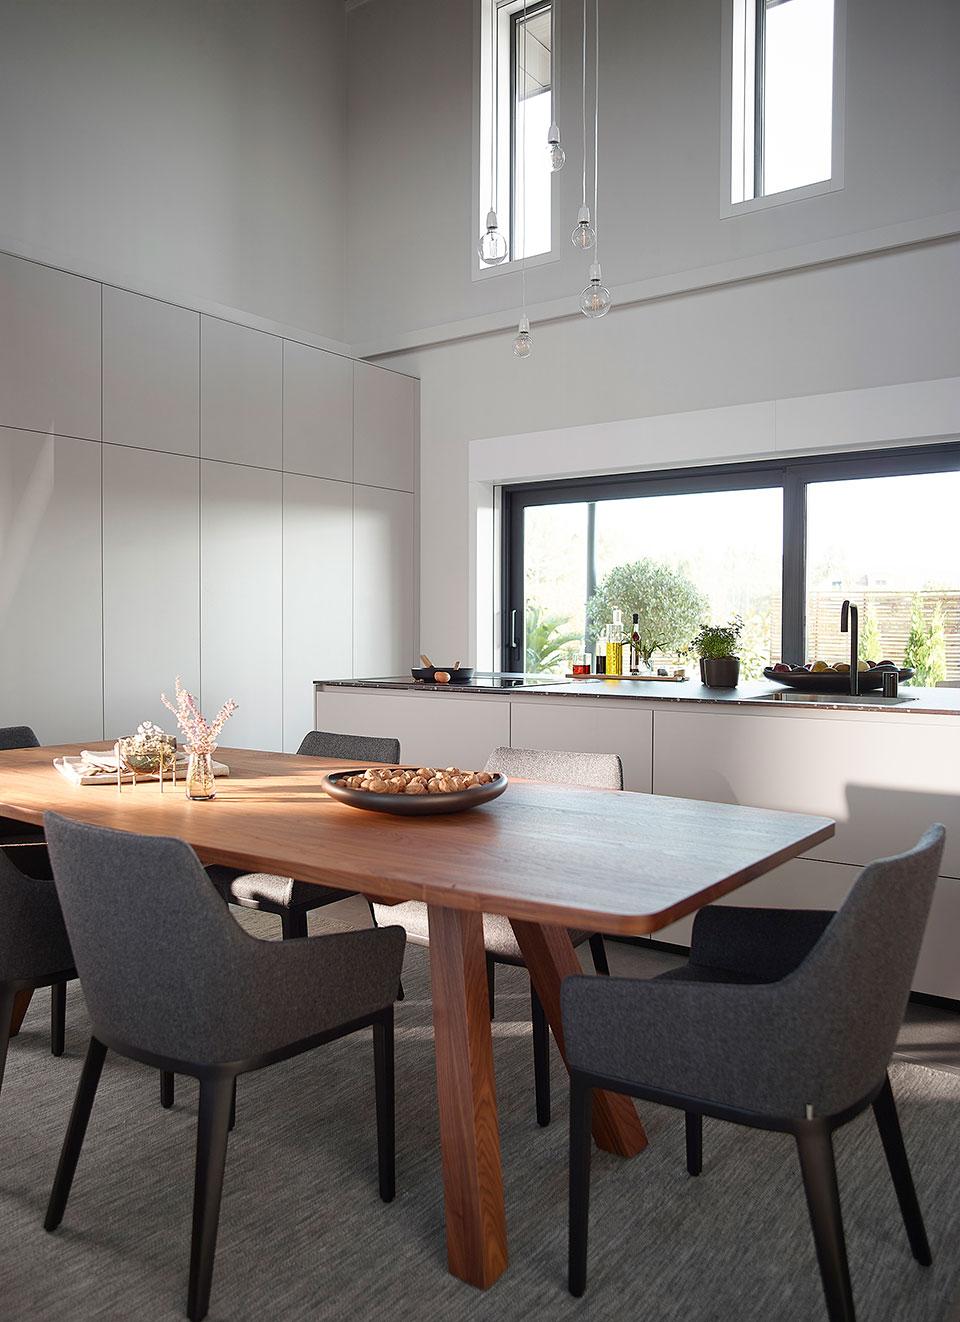 mesa-cocina-madera-en-cocina-blanca-santos